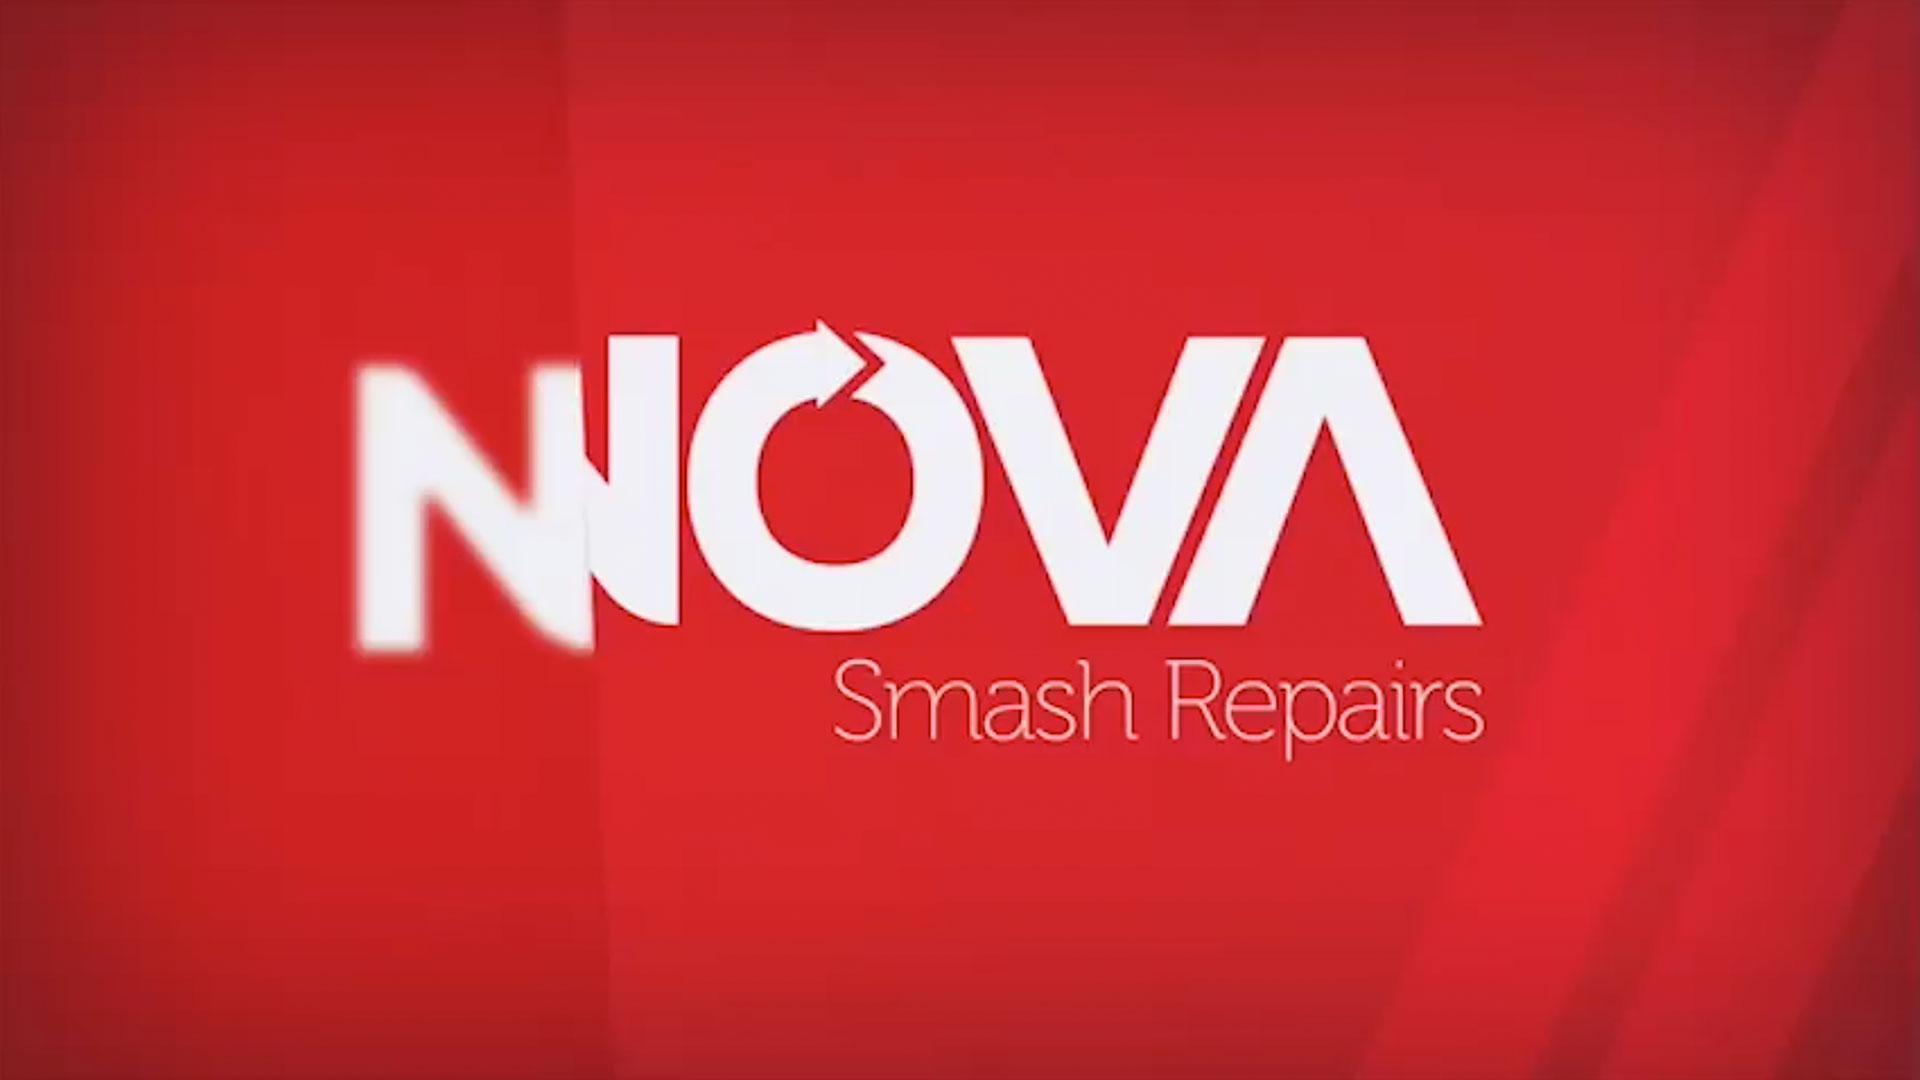 Car Smash Repairs Perth   Nova Smash Repairs